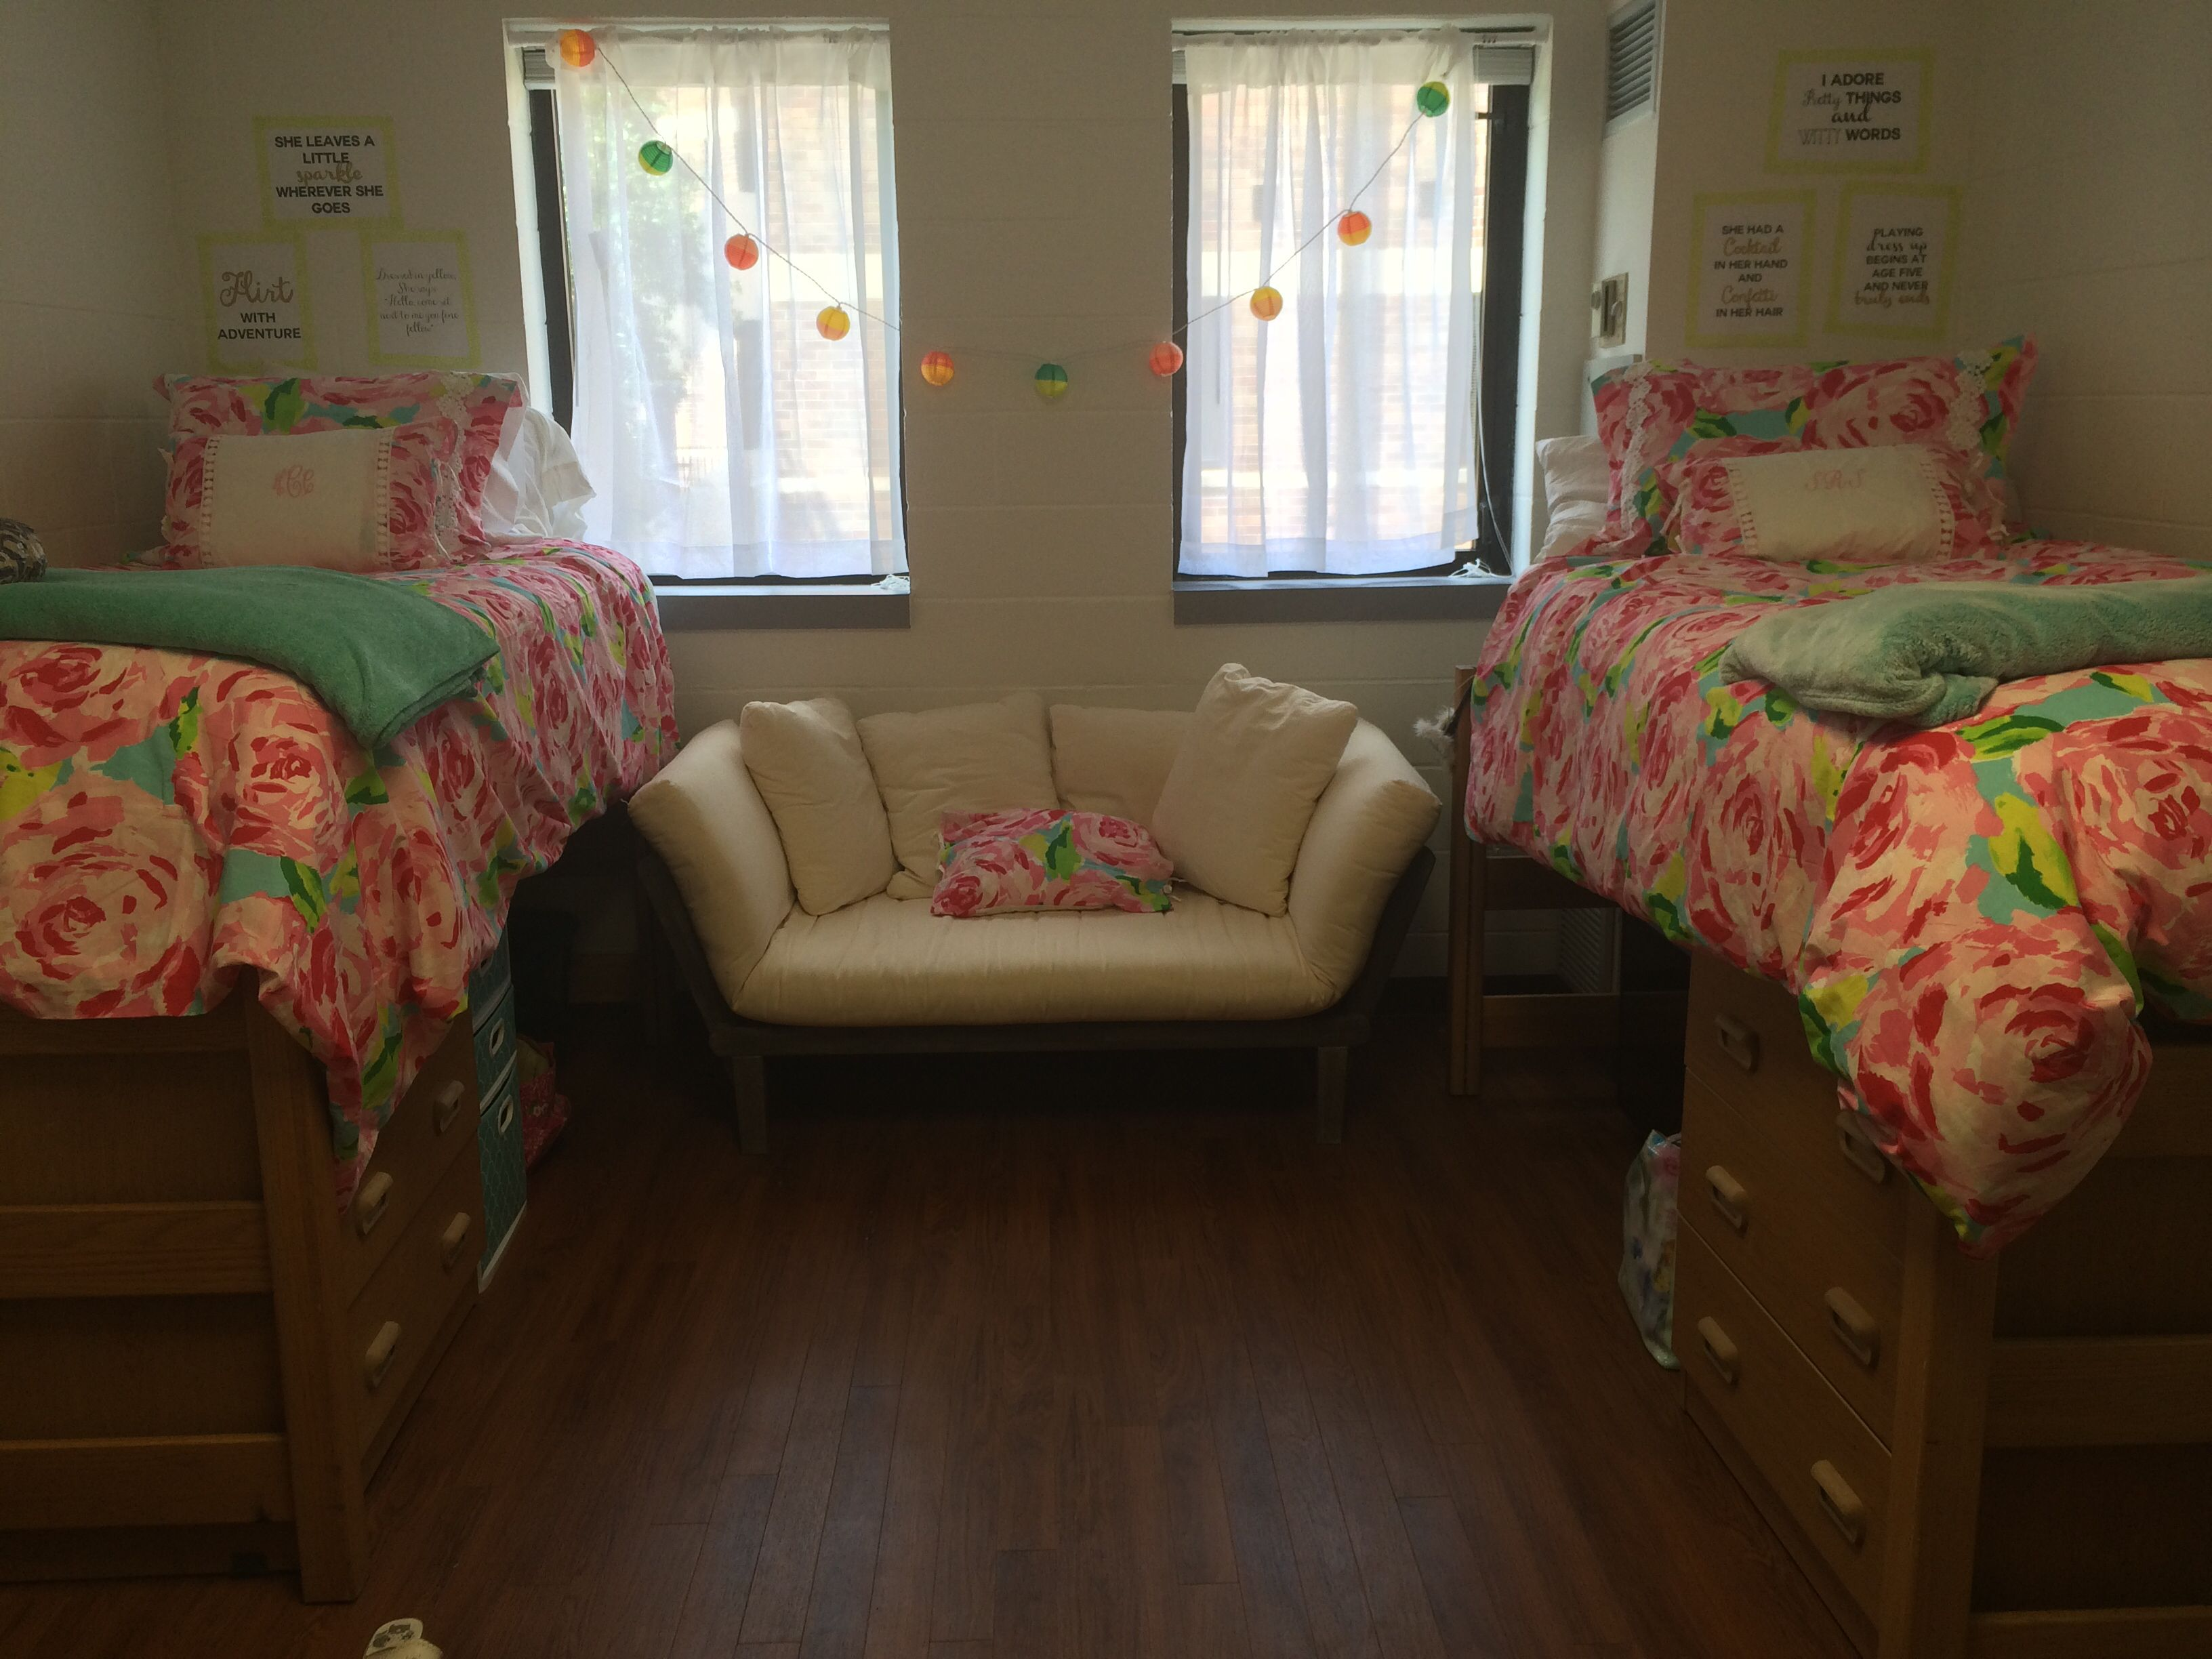 Unf Dorm Dorm Livin In 2019 College Dorm Rooms Dorm